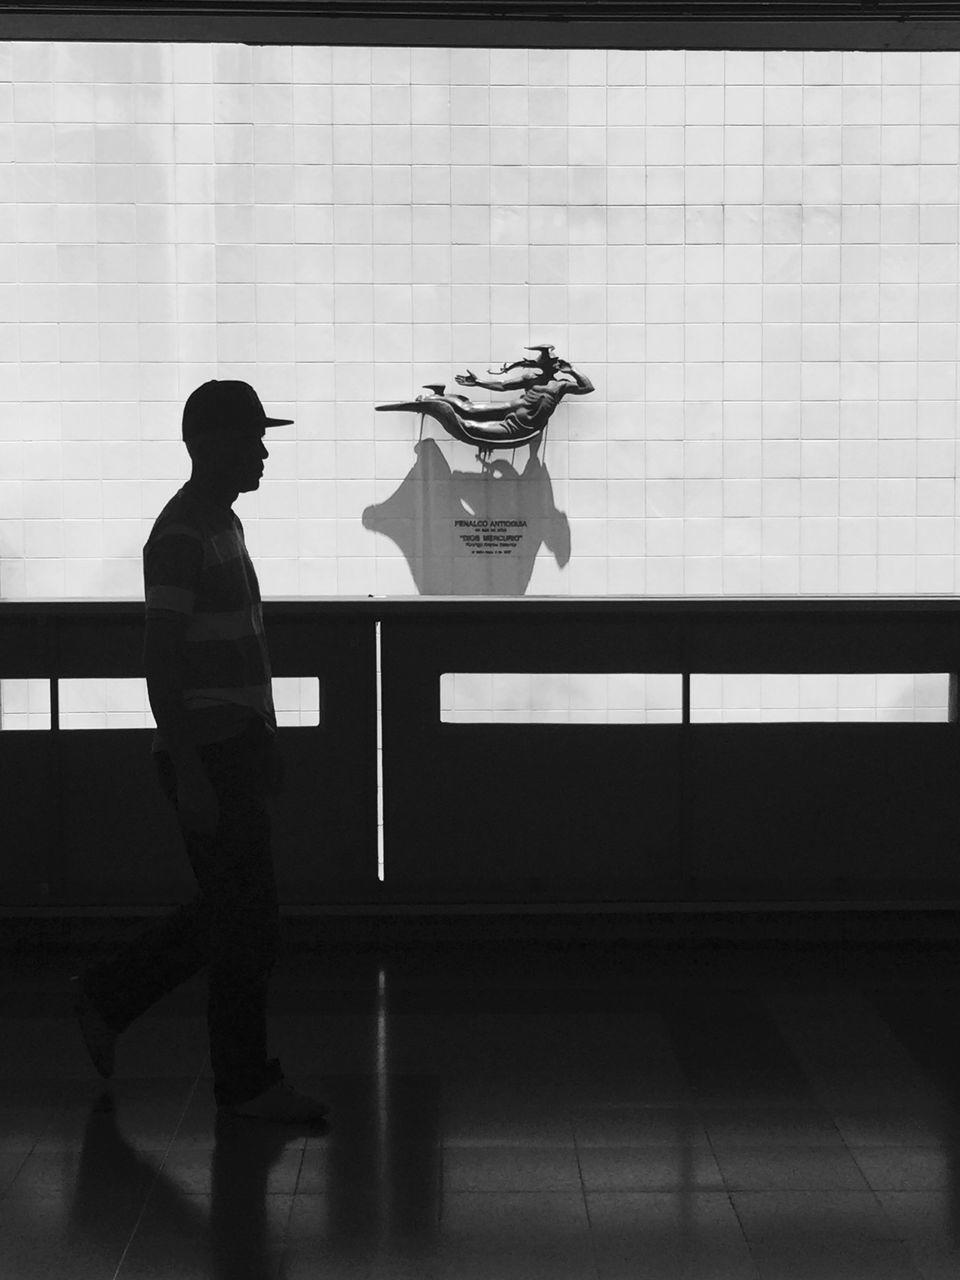 Silhouette Man Walking In Subway